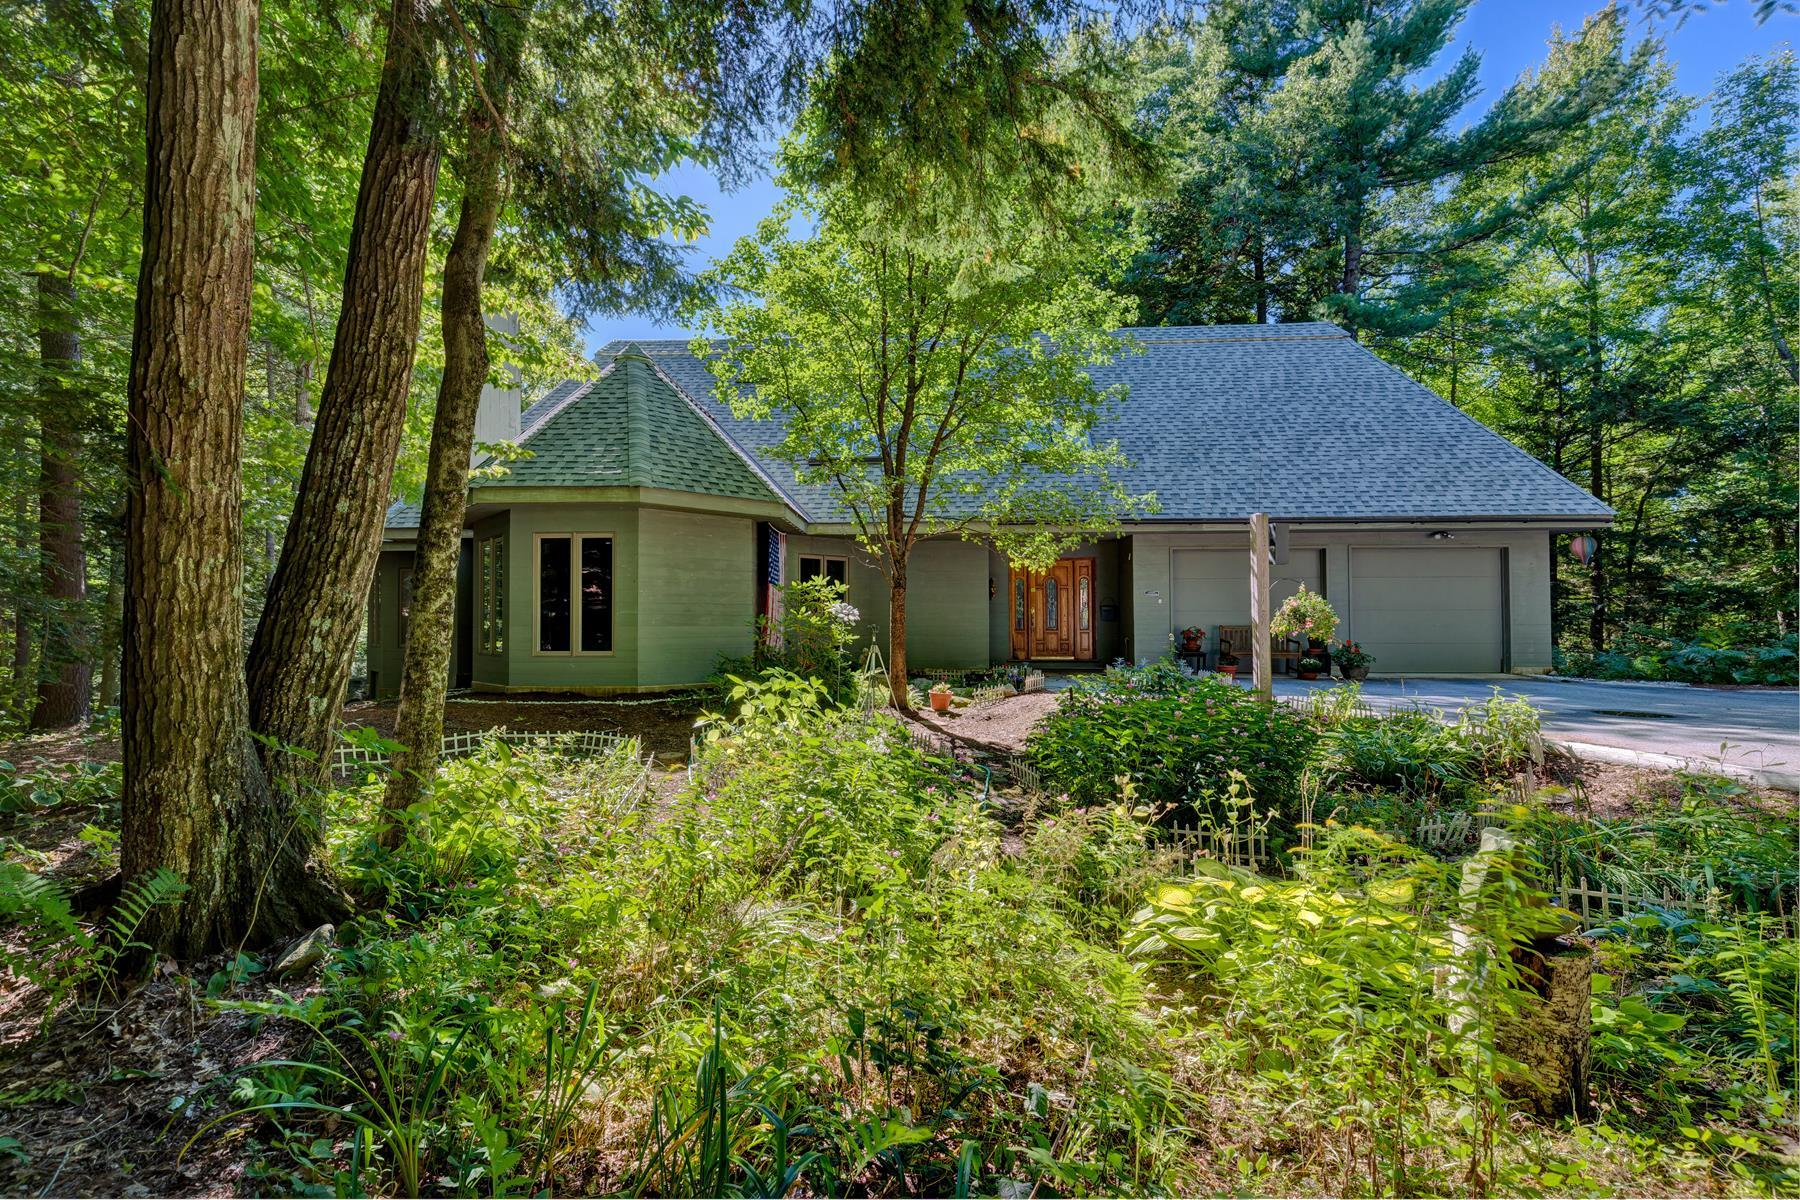 獨棟家庭住宅 為 出售 在 4 West Hill Road, Sunapee 4 West Hill Rd Sunapee, 新罕布什爾州, 03782 美國